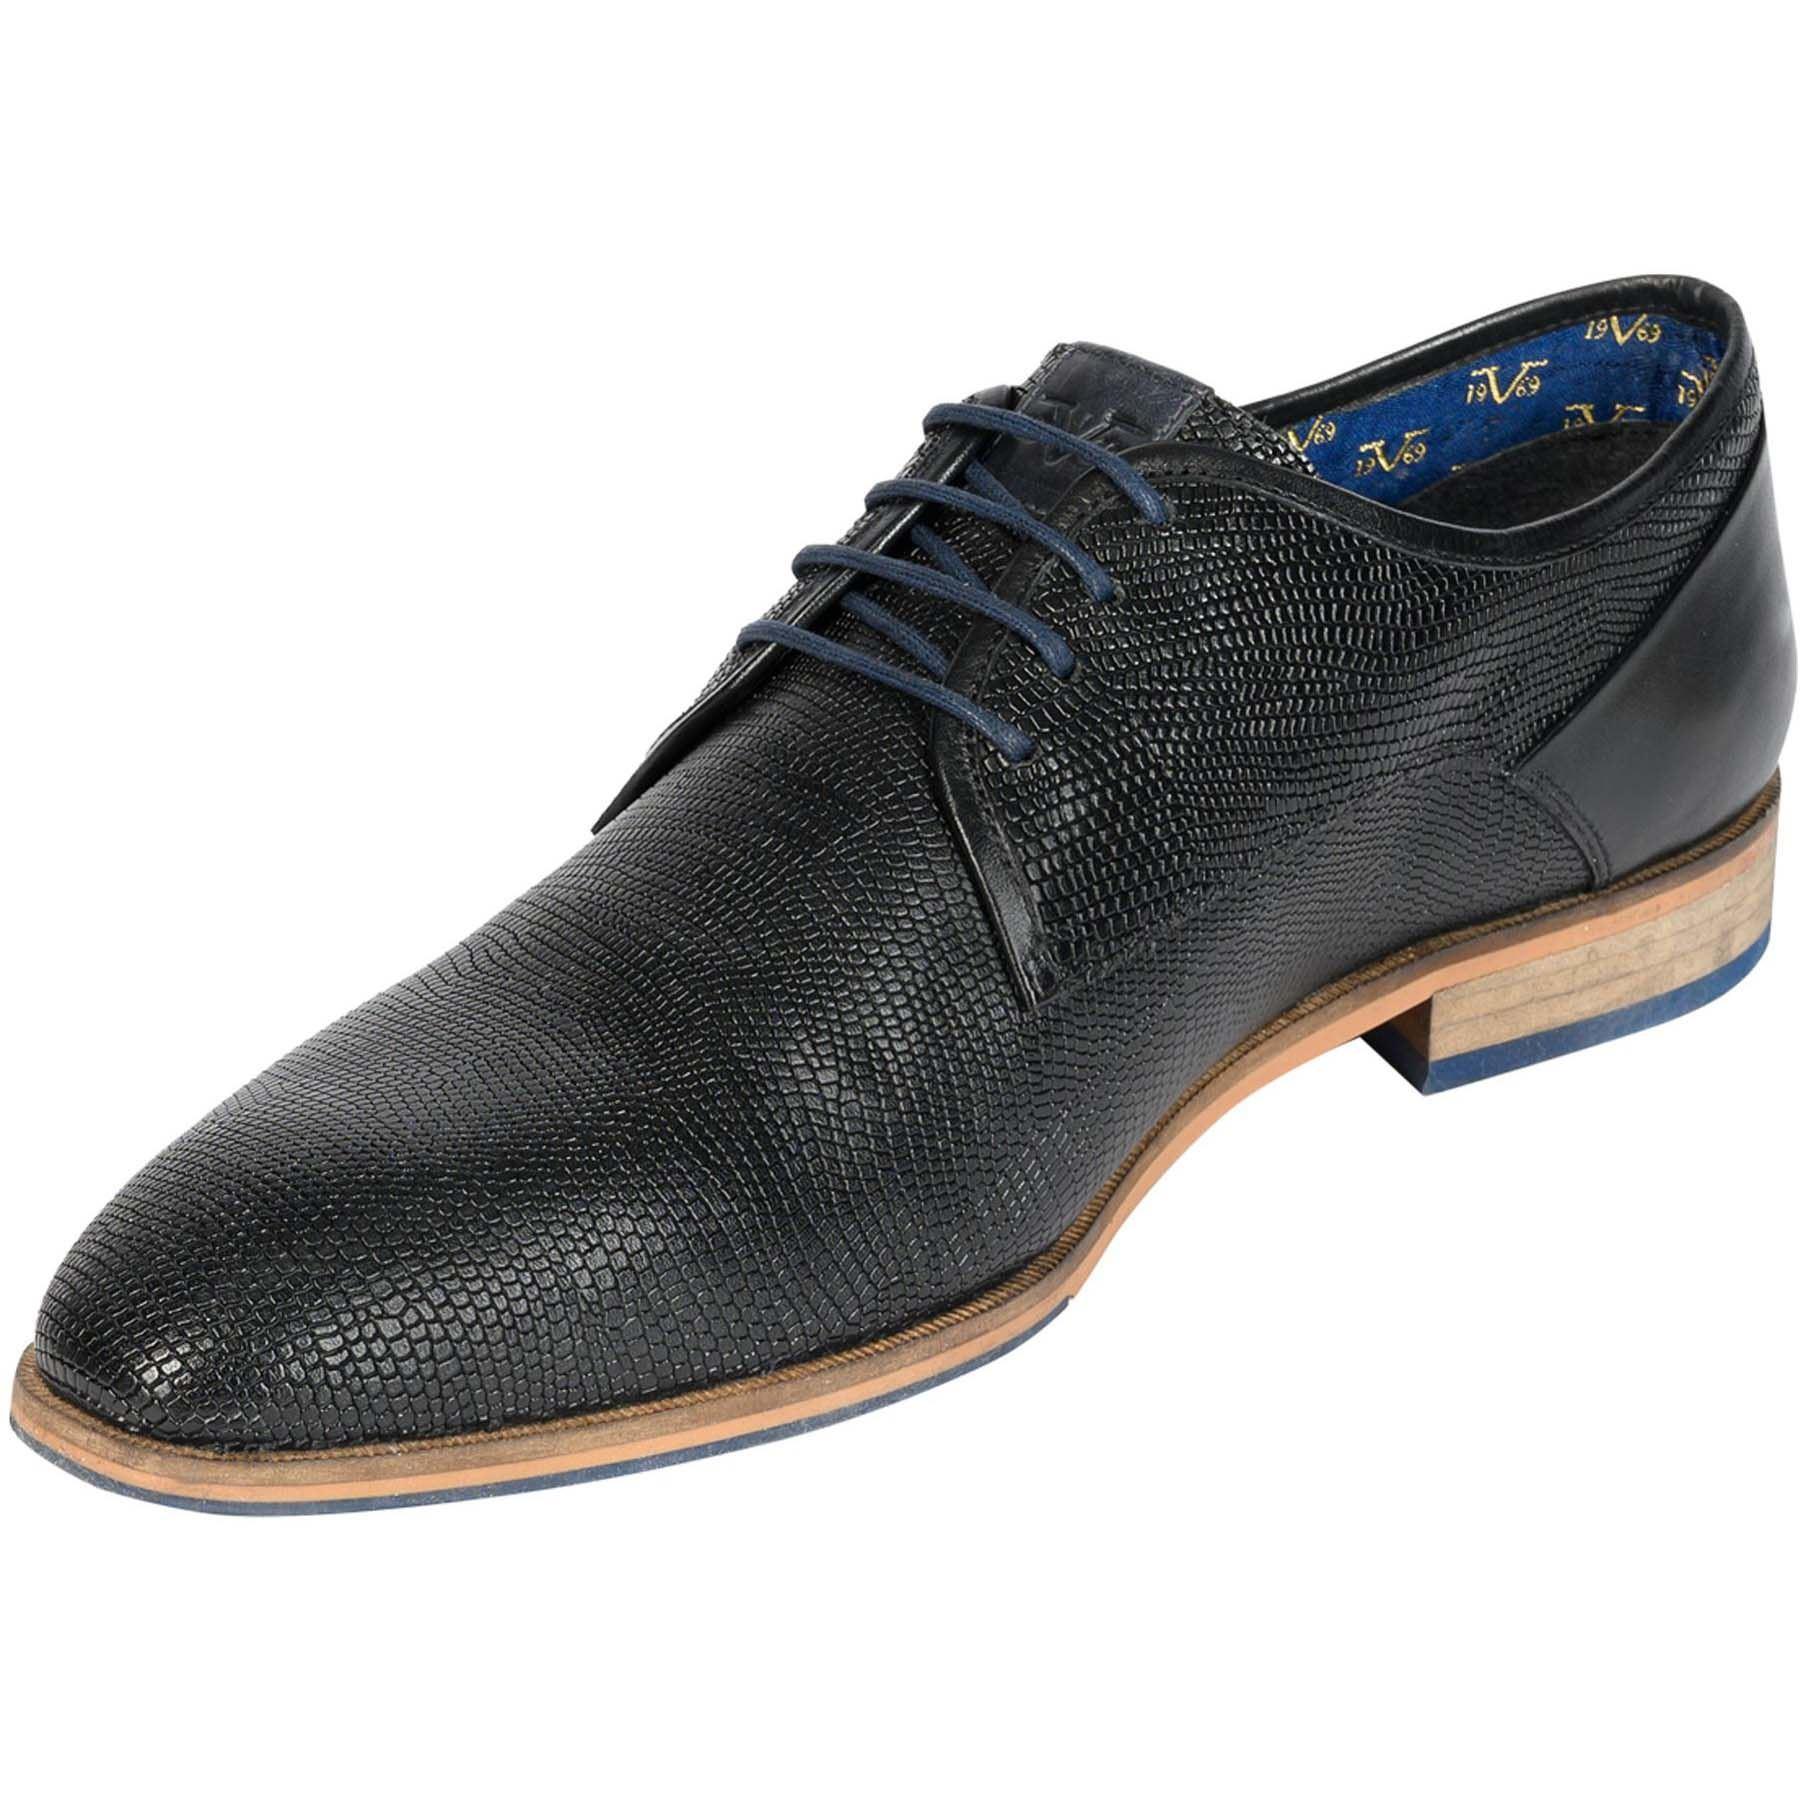 19v69 Homme Grey Chaussures Dark Cuir 44 En KTl3JFcu1